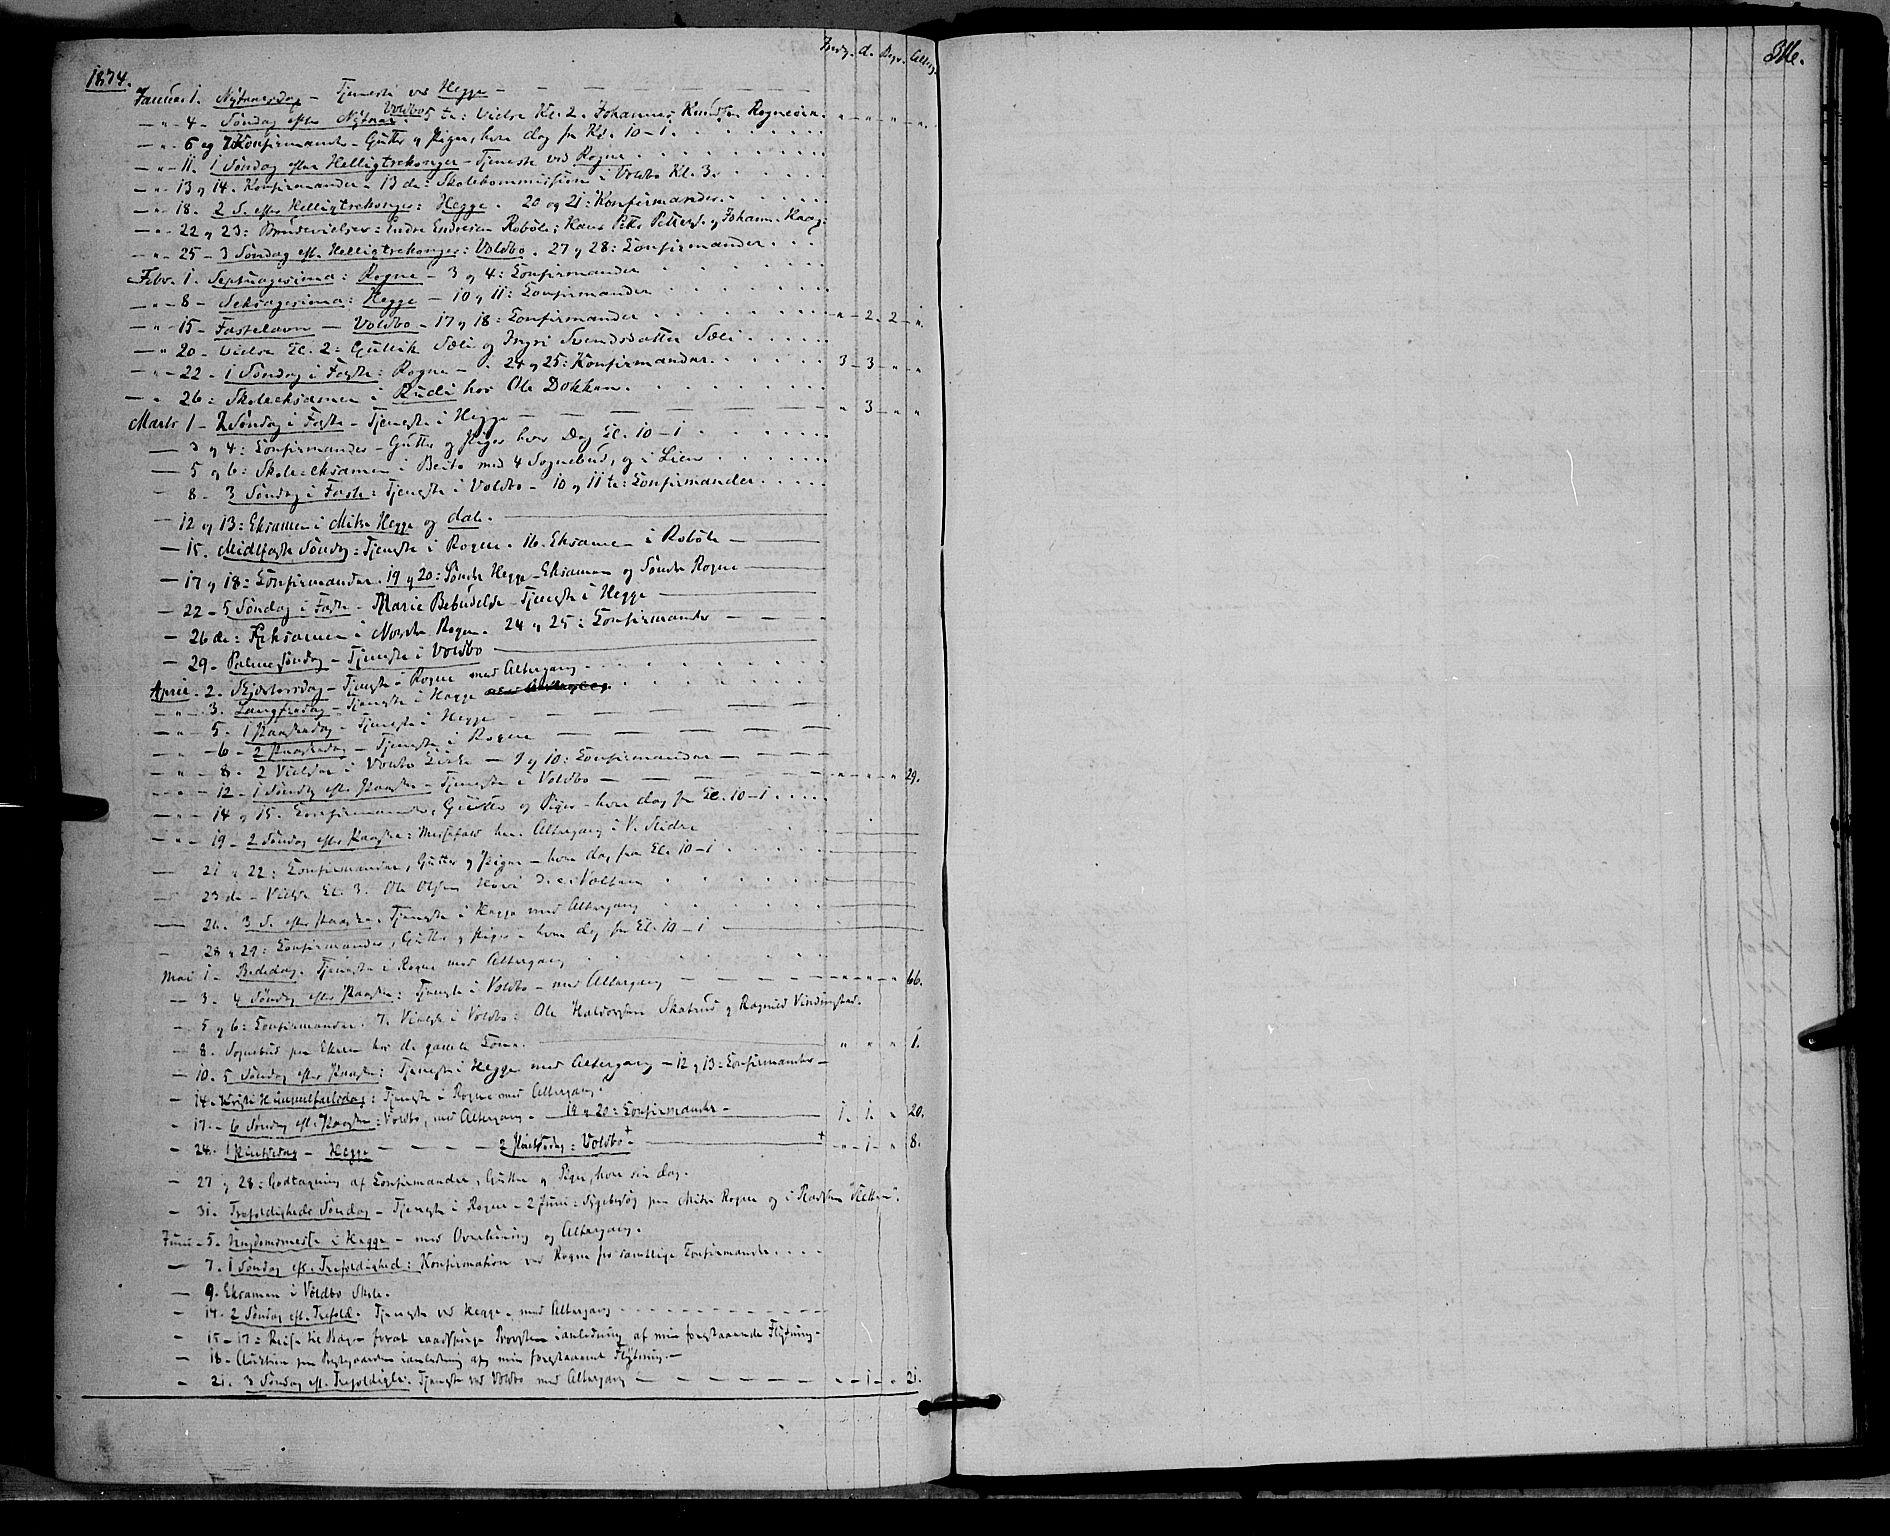 SAH, Øystre Slidre prestekontor, Ministerialbok nr. 1, 1849-1874, s. 316